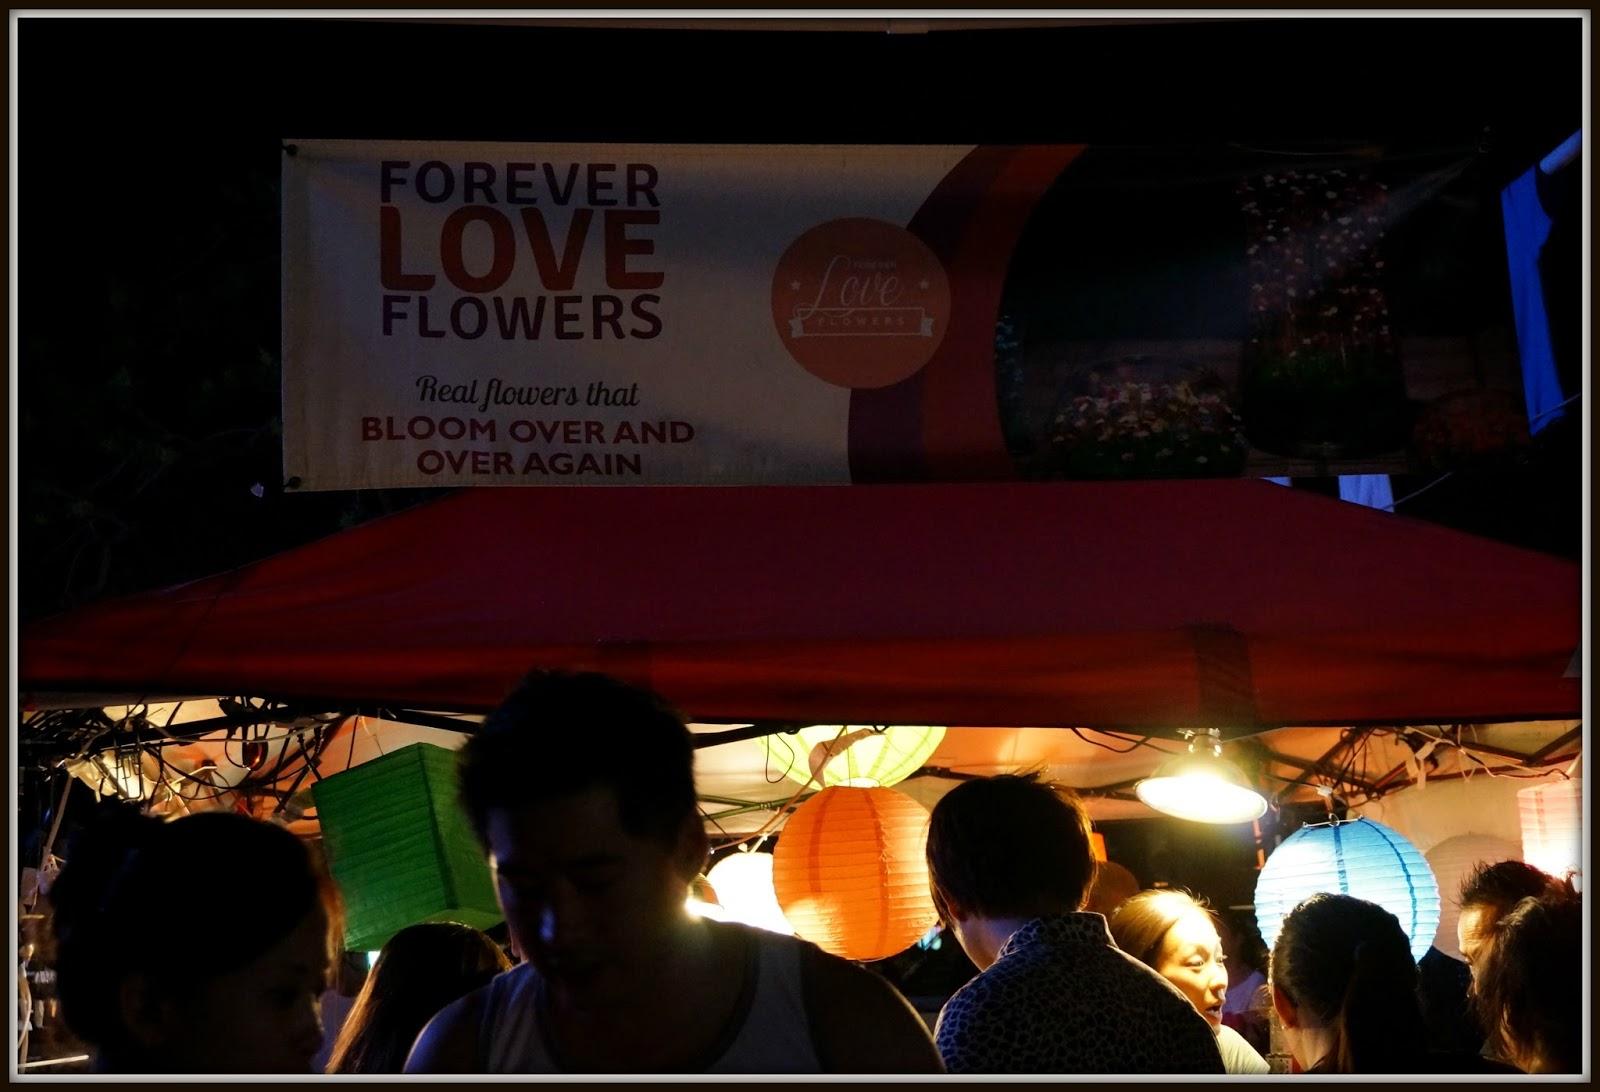 Forever Love Flowers